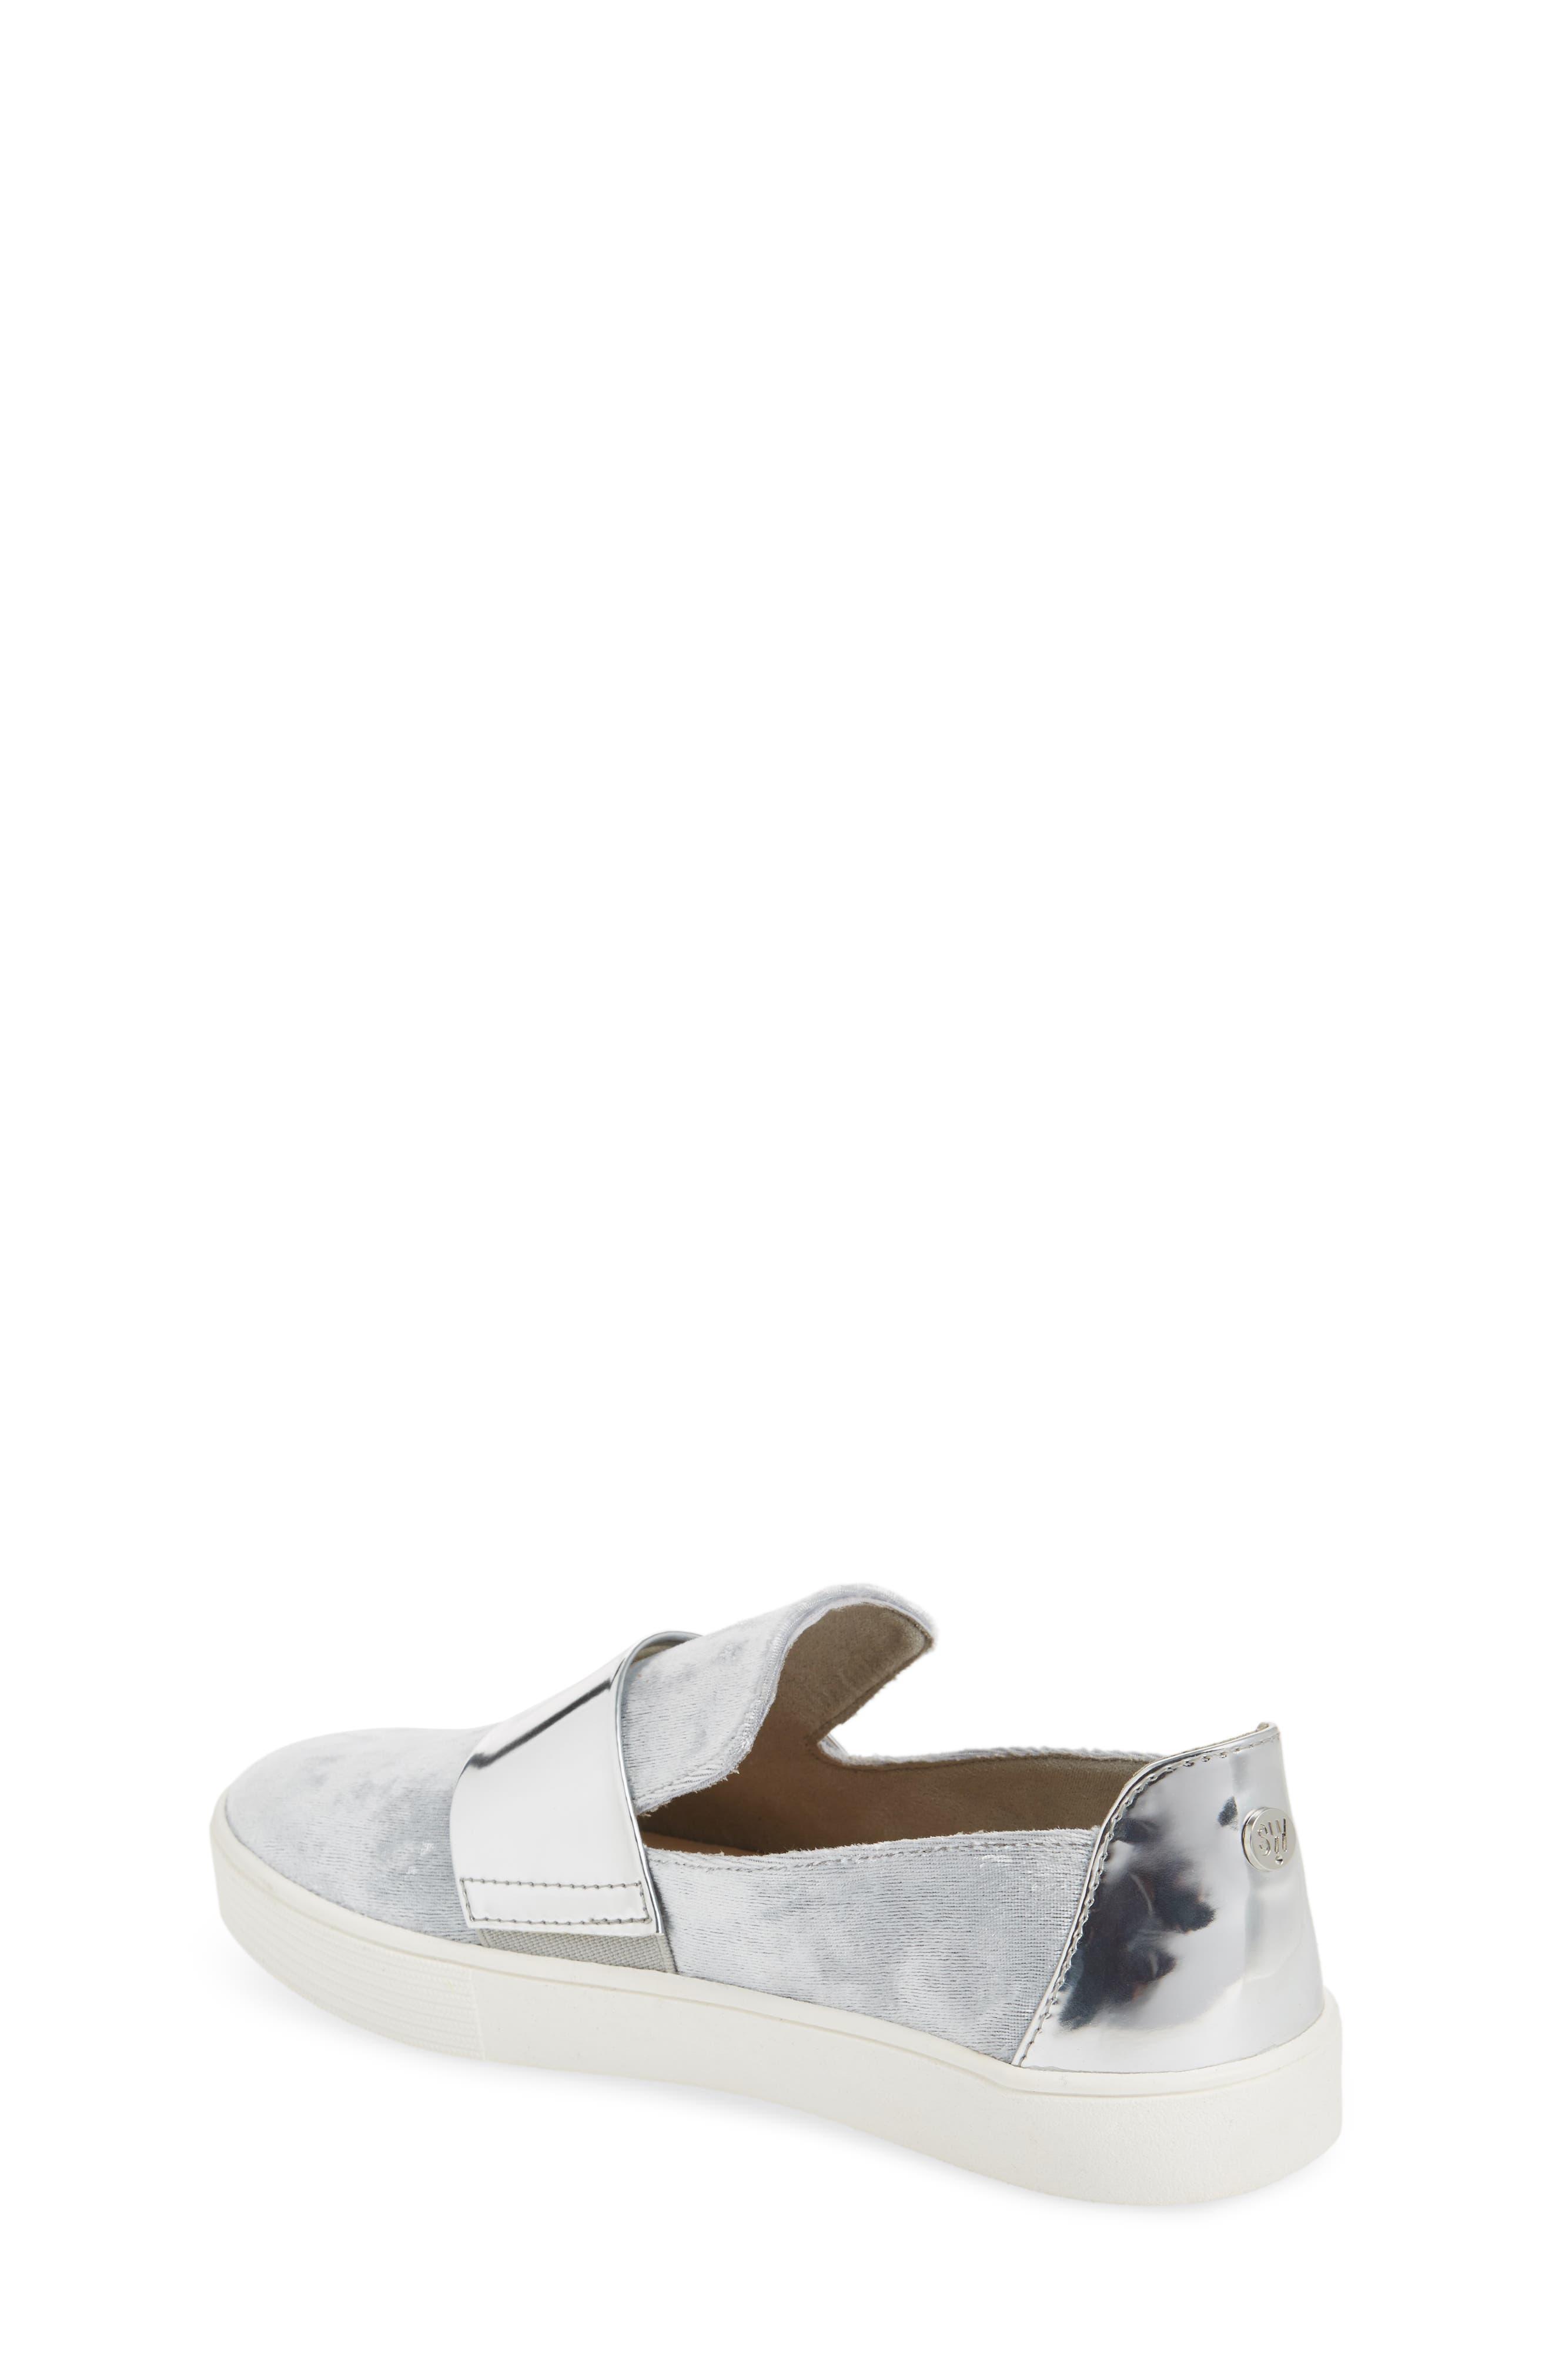 Vance Slip-On Sneaker,                             Alternate thumbnail 2, color,                             Silver